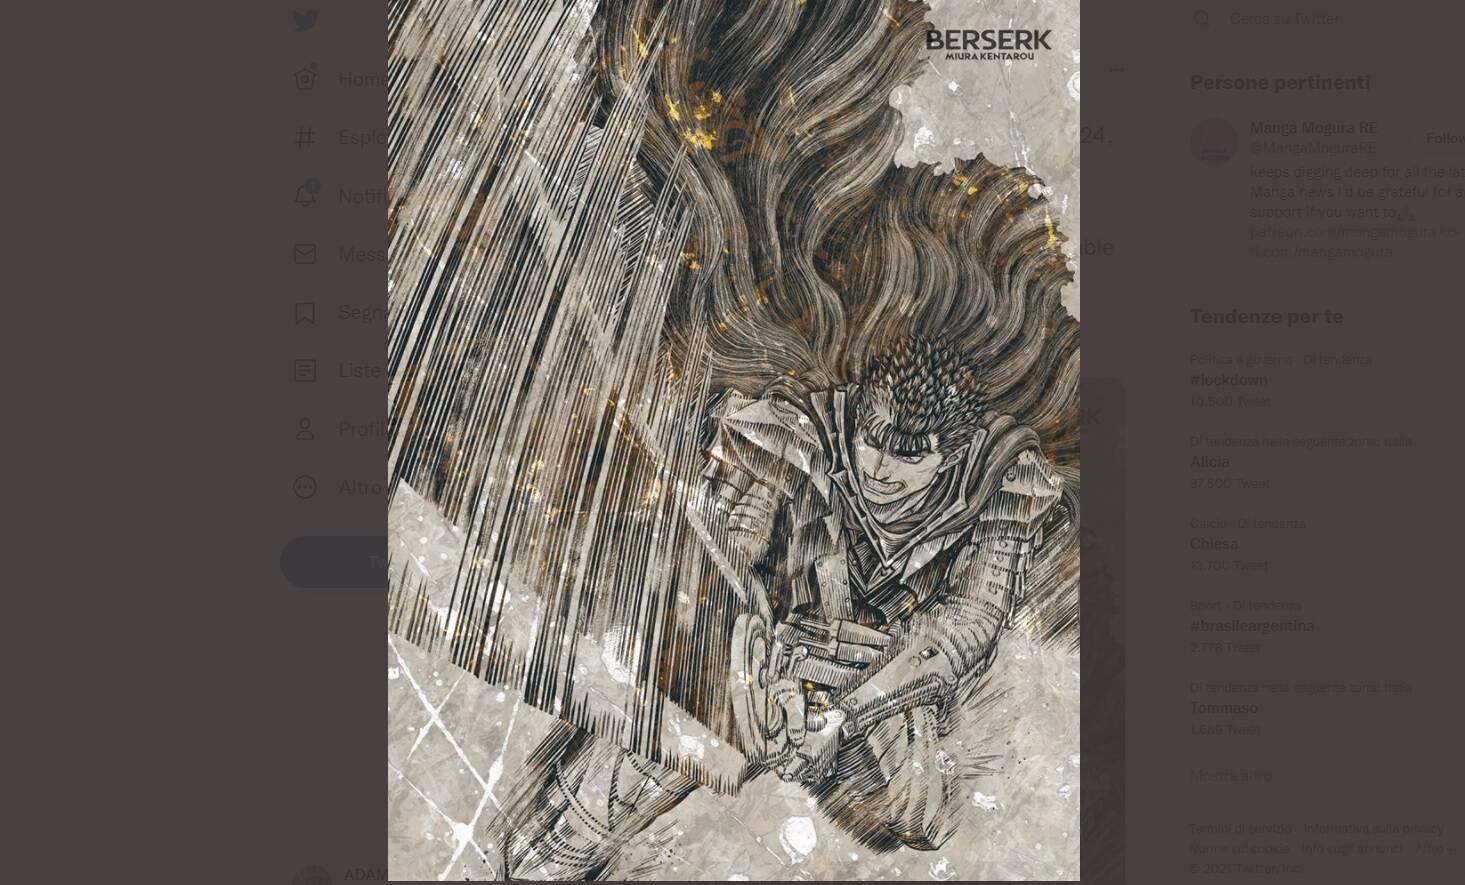 Berserk Volume 41: la data di uscita e altro su Kentaro Miura